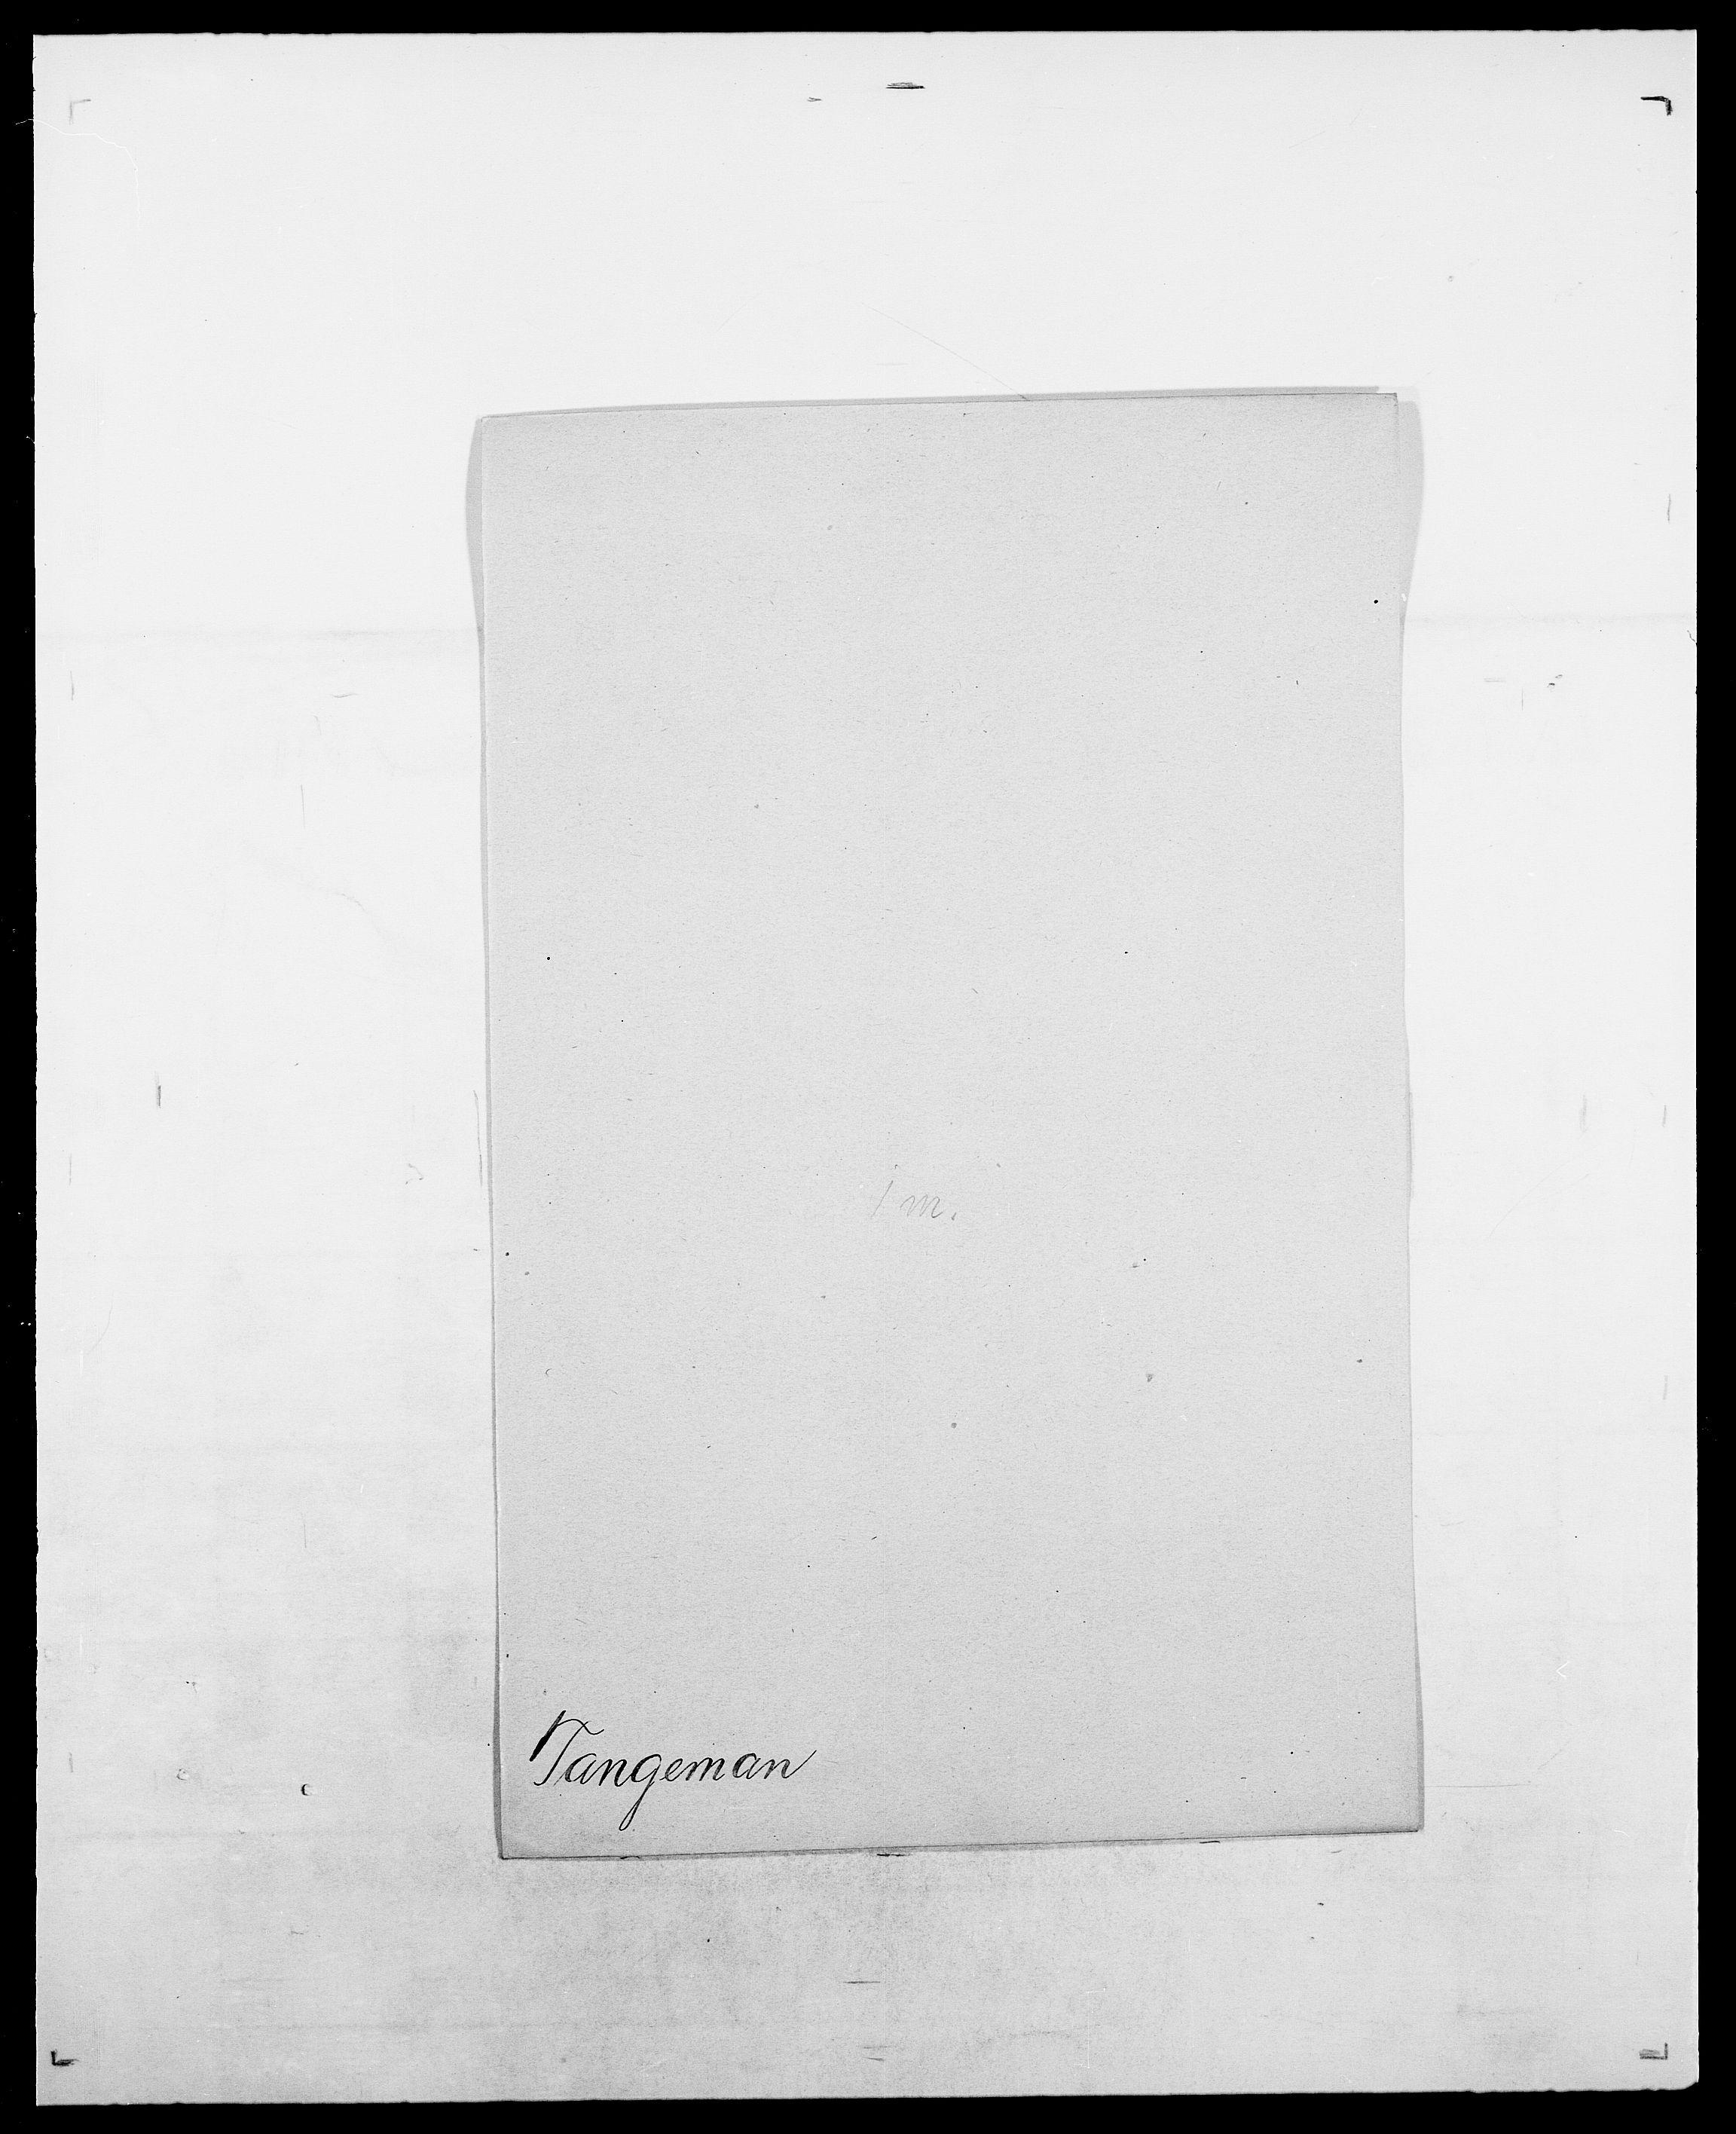 SAO, Delgobe, Charles Antoine - samling, D/Da/L0038: Svanenskjold - Thornsohn, s. 314